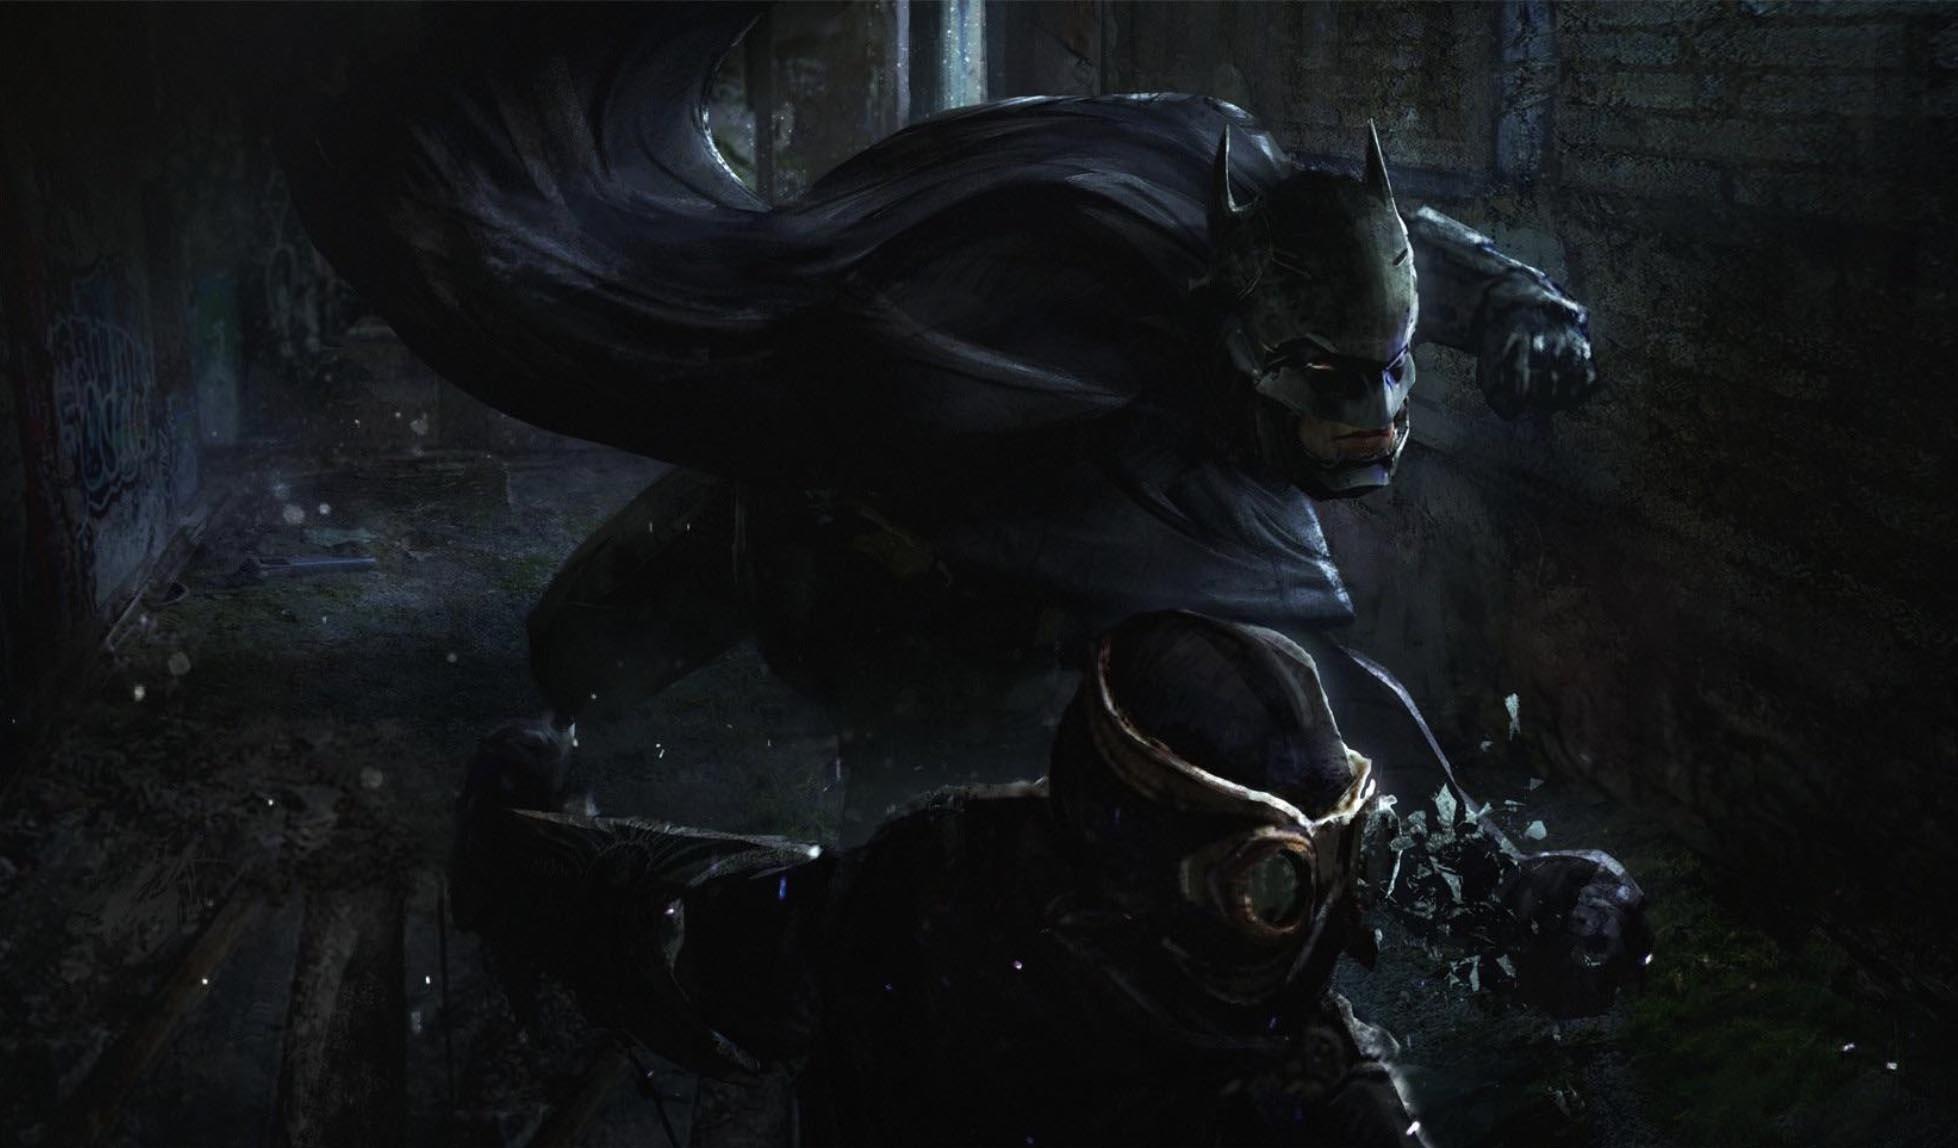 ستكون لعبة باتمان أركام المزعومة من وارنر بروس مونتريال على وشك الإعلان